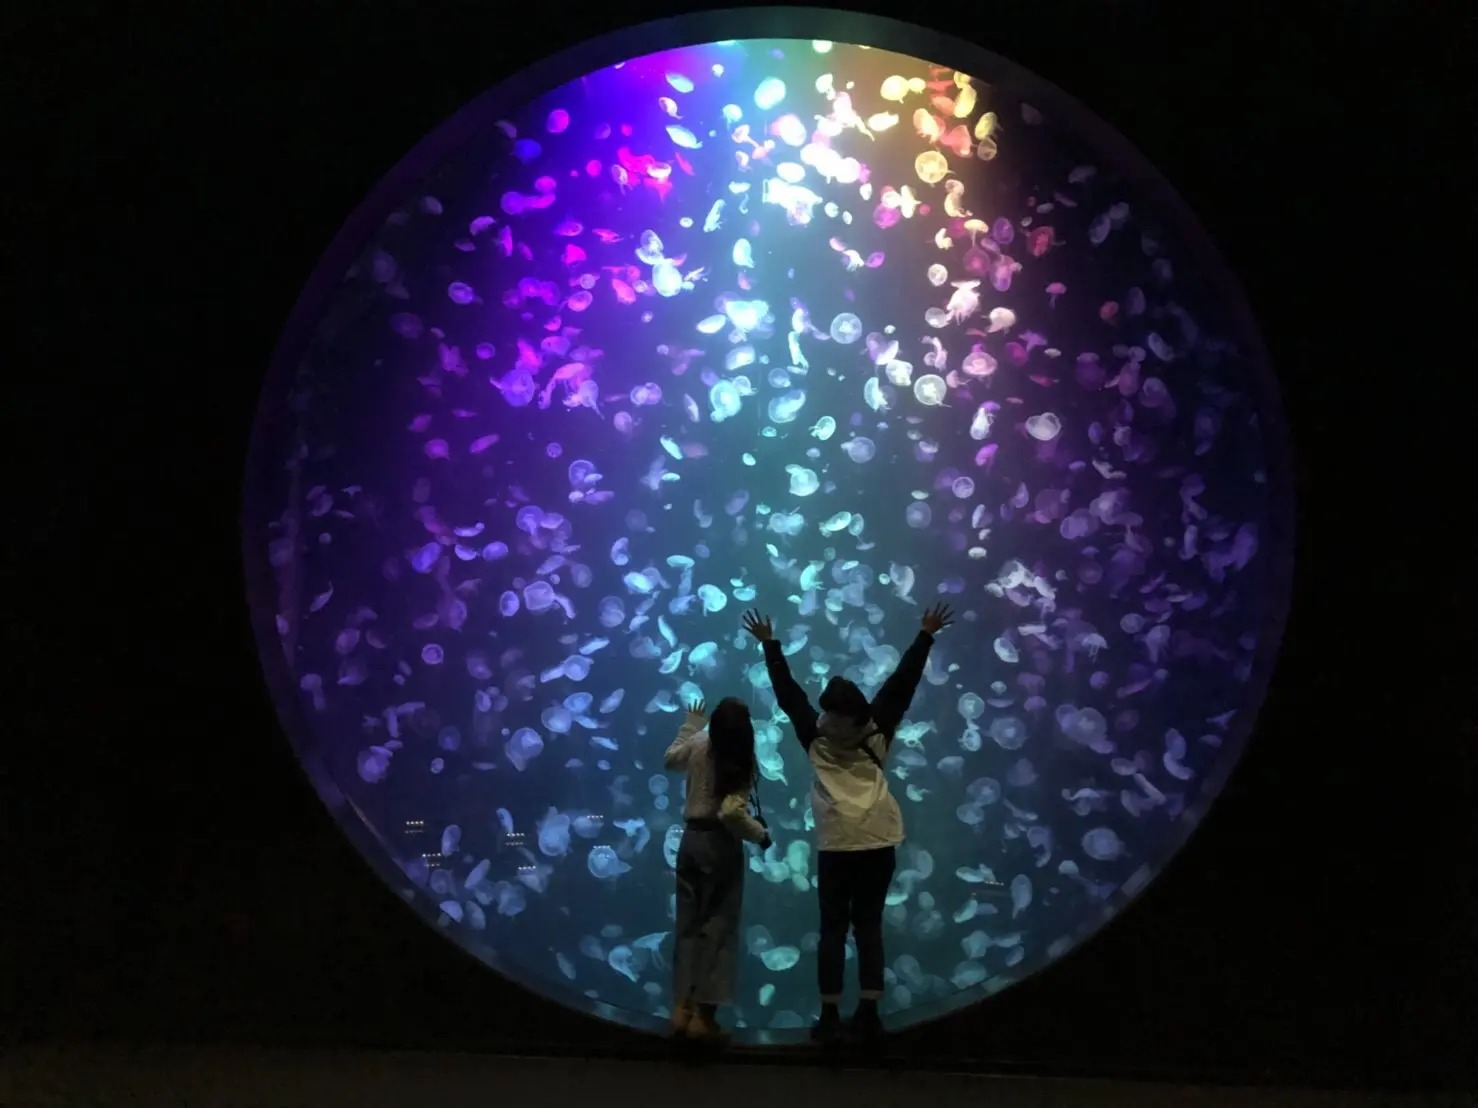 山形県の鶴岡市にある『加茂水族館』